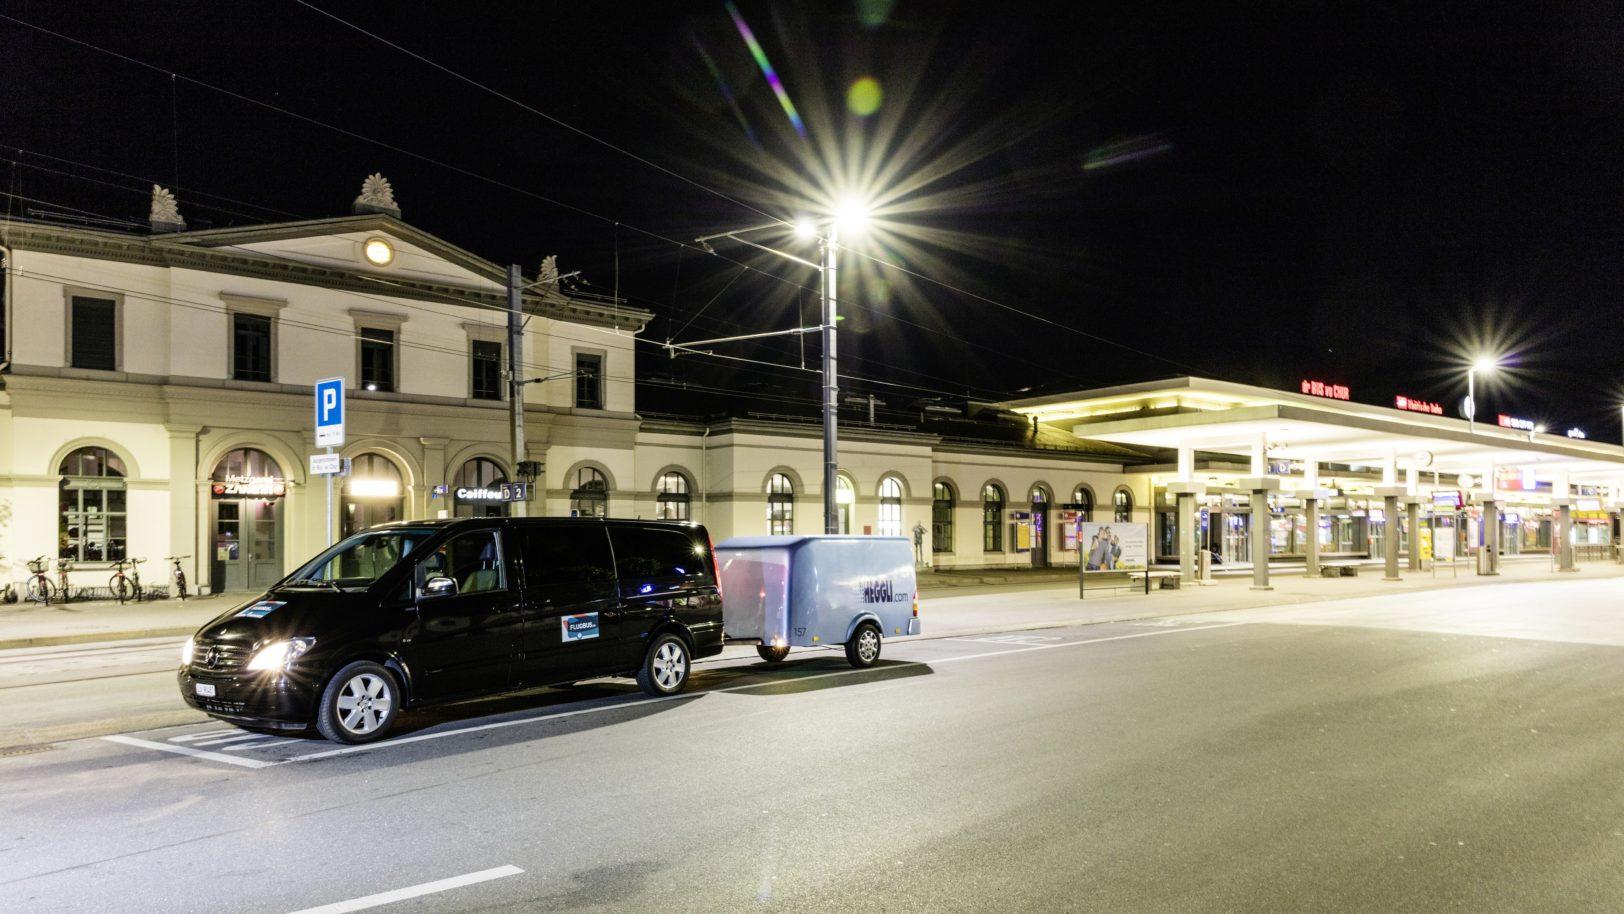 Flugbus Bahnhof Chur